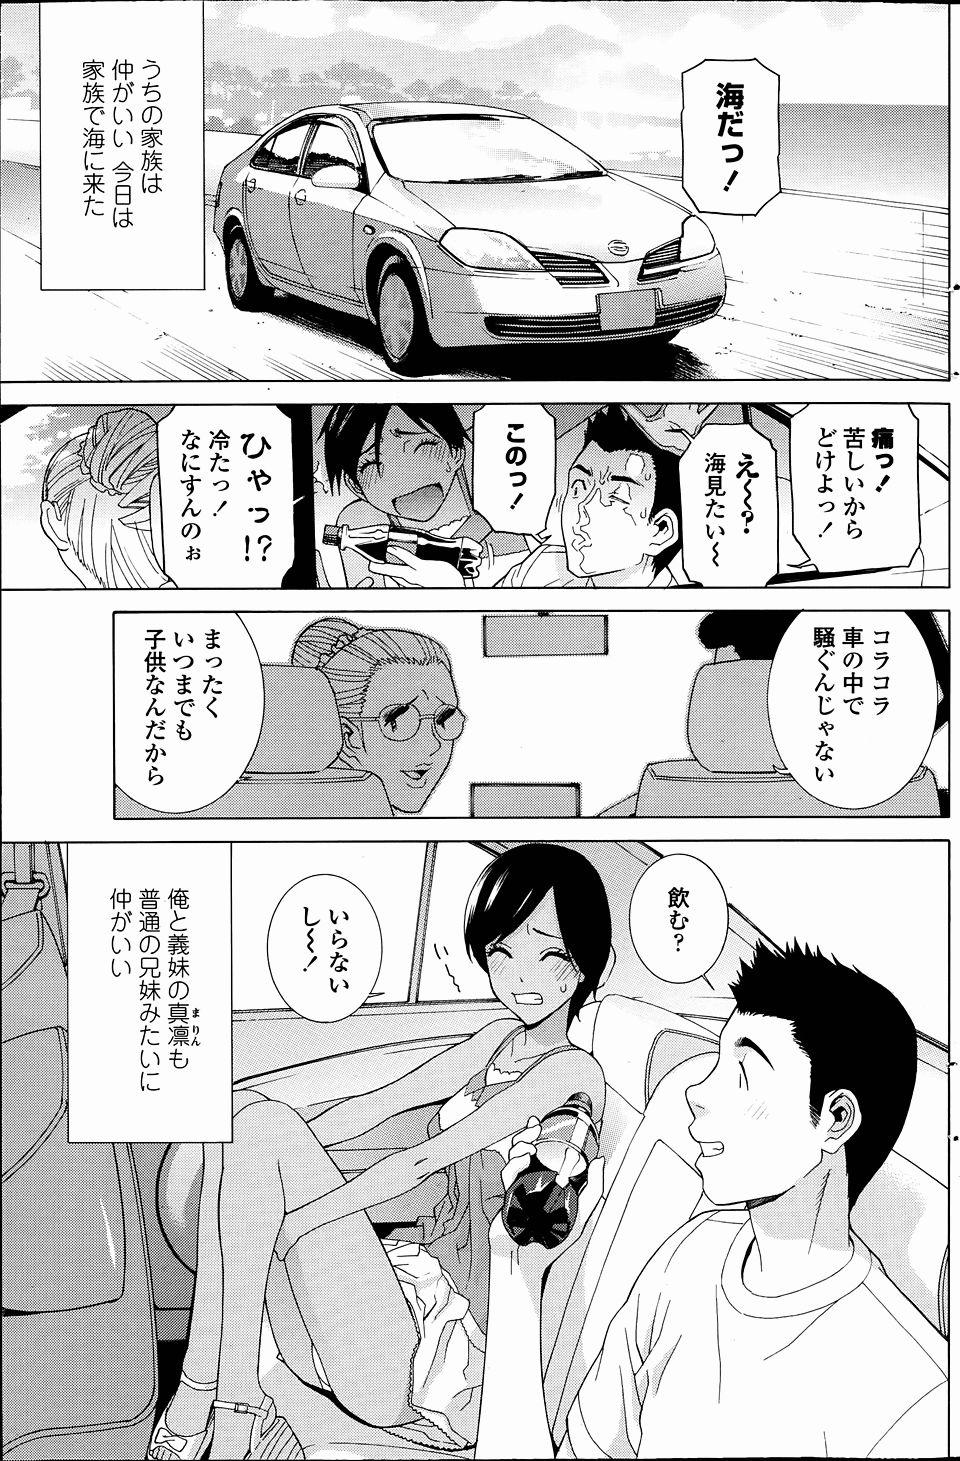 【エロ漫画・エロ同人】家族で海に行ったら巨乳の義姉とエッチな展開にwww (1)